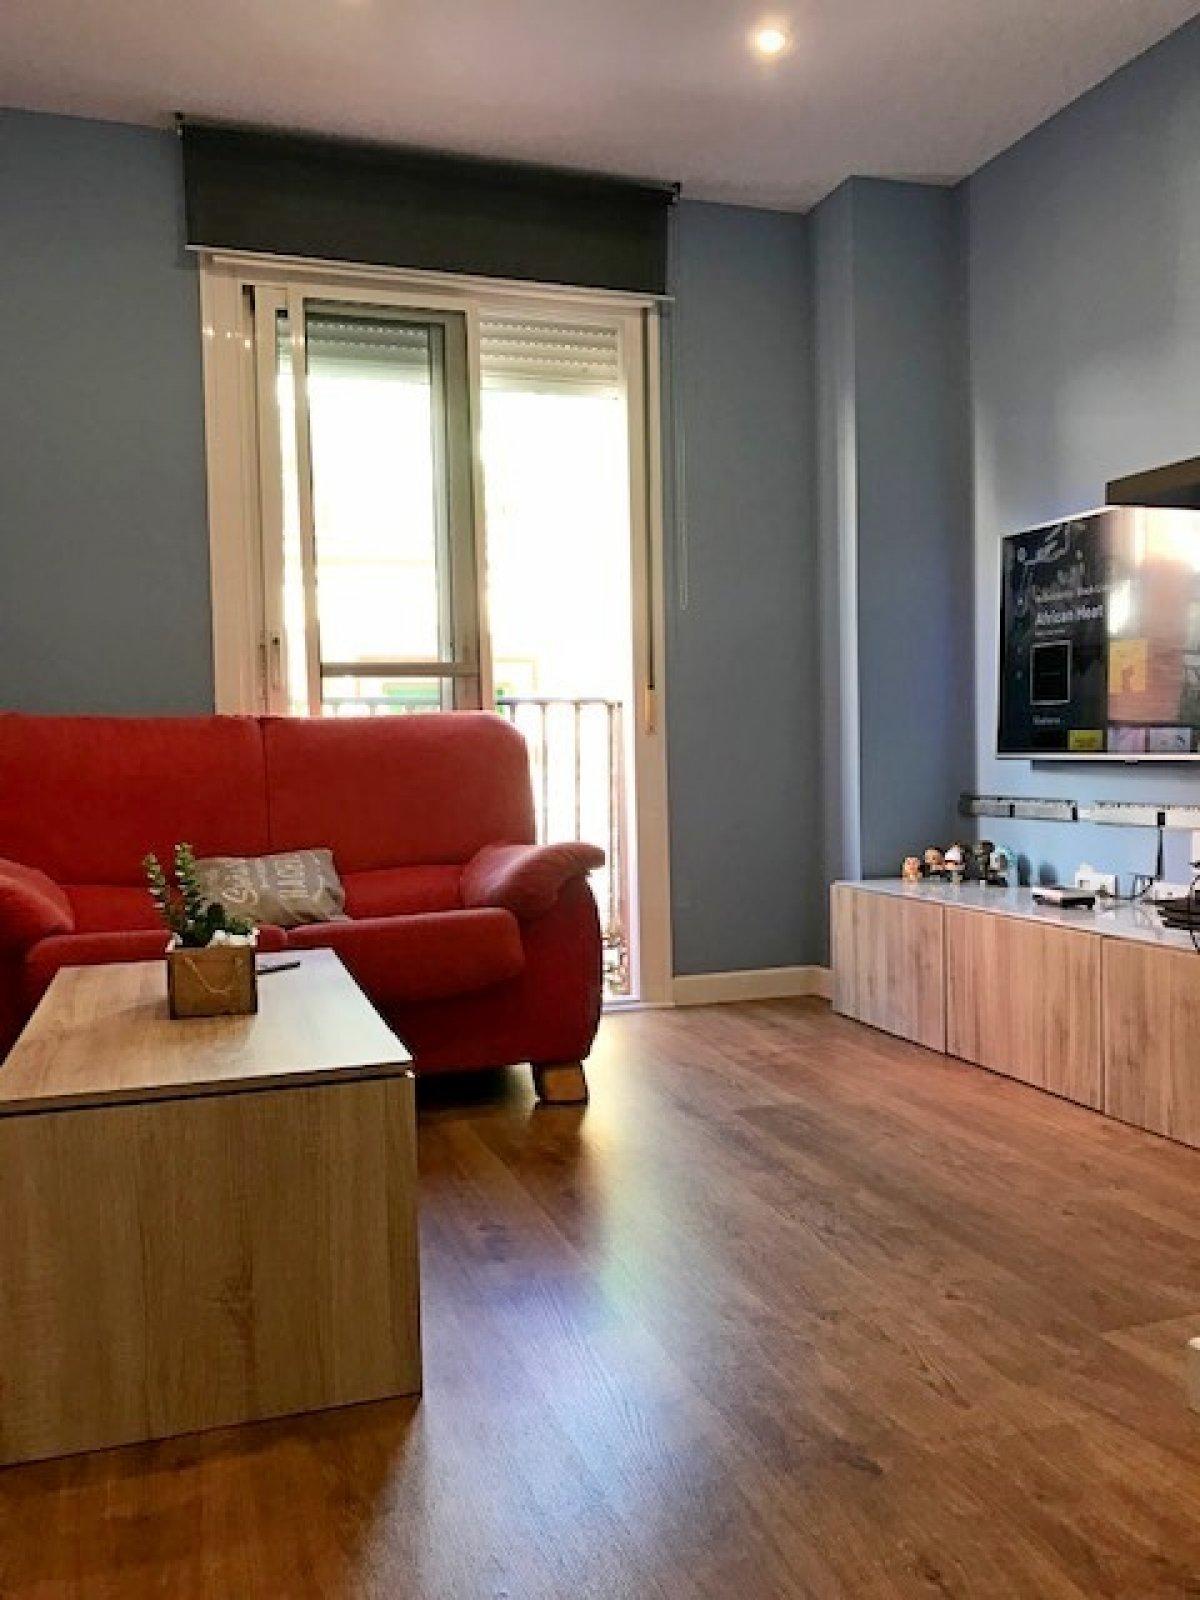 Coqueto apartamento en arroyo de la miel - imagenInmueble4